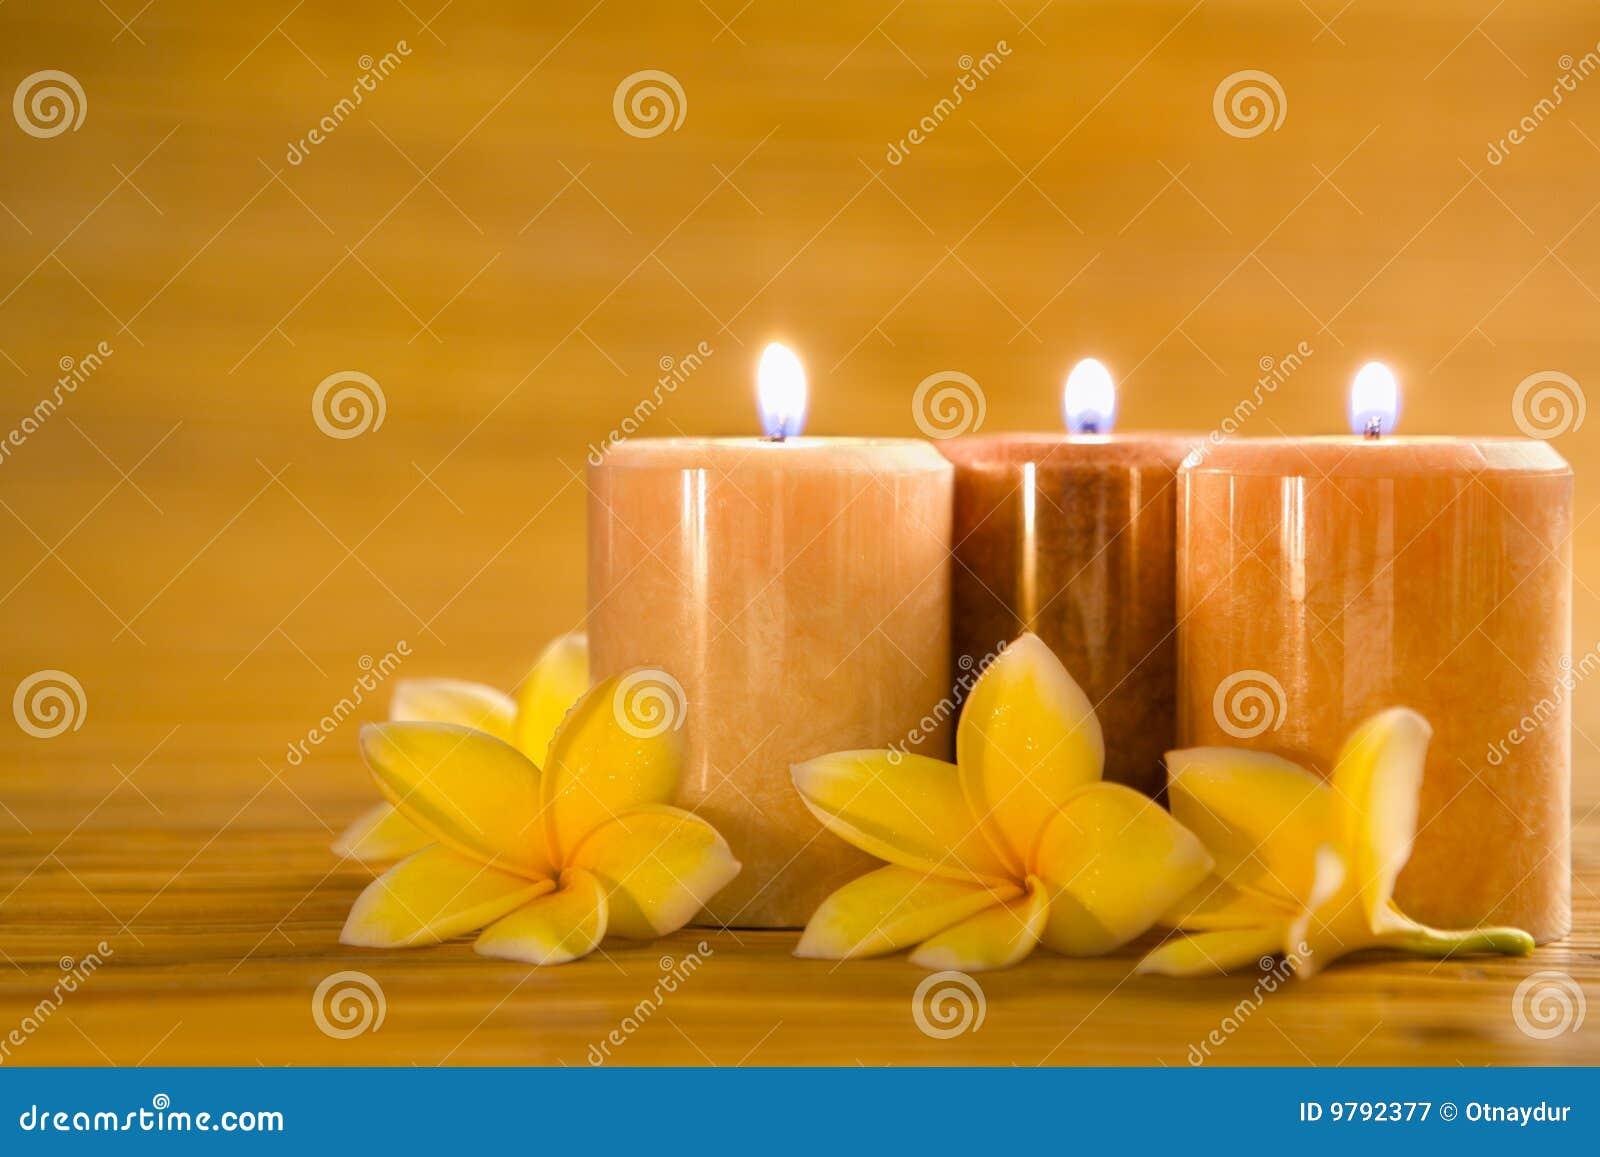 velas aromticas con el frangipani en la estera de bamb